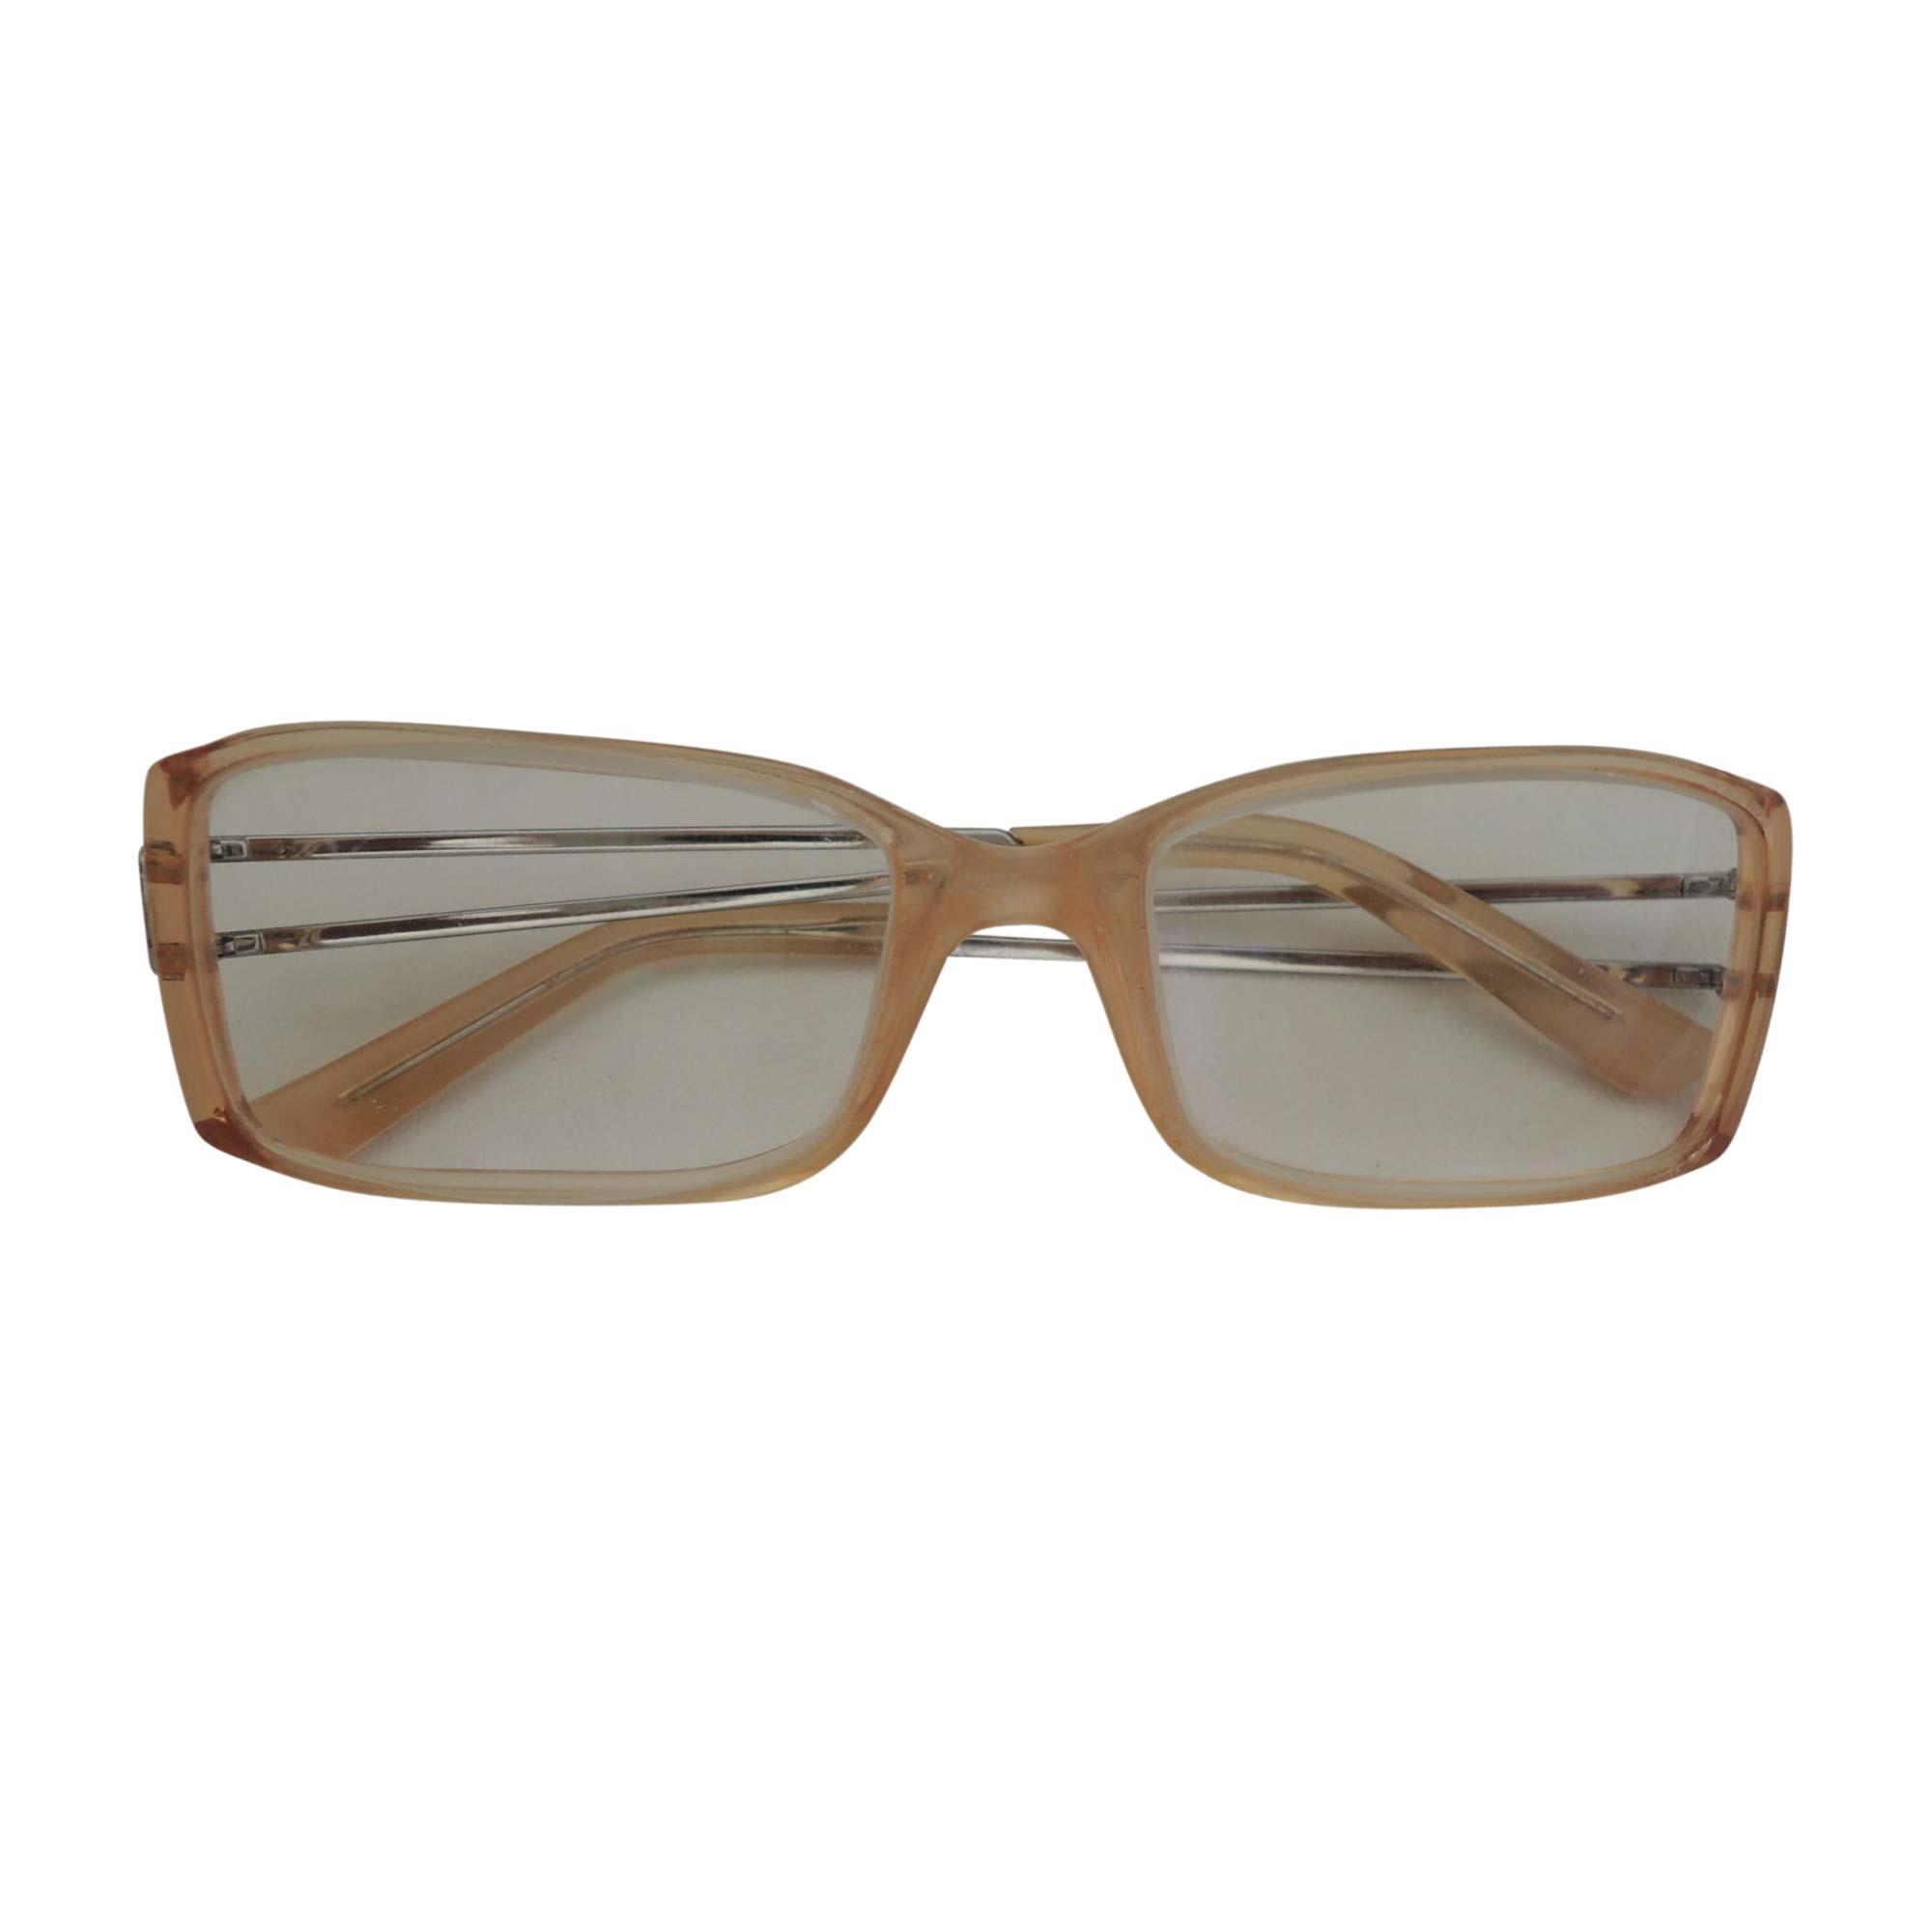 Monture de lunettes MARC JACOBS Beige, camel